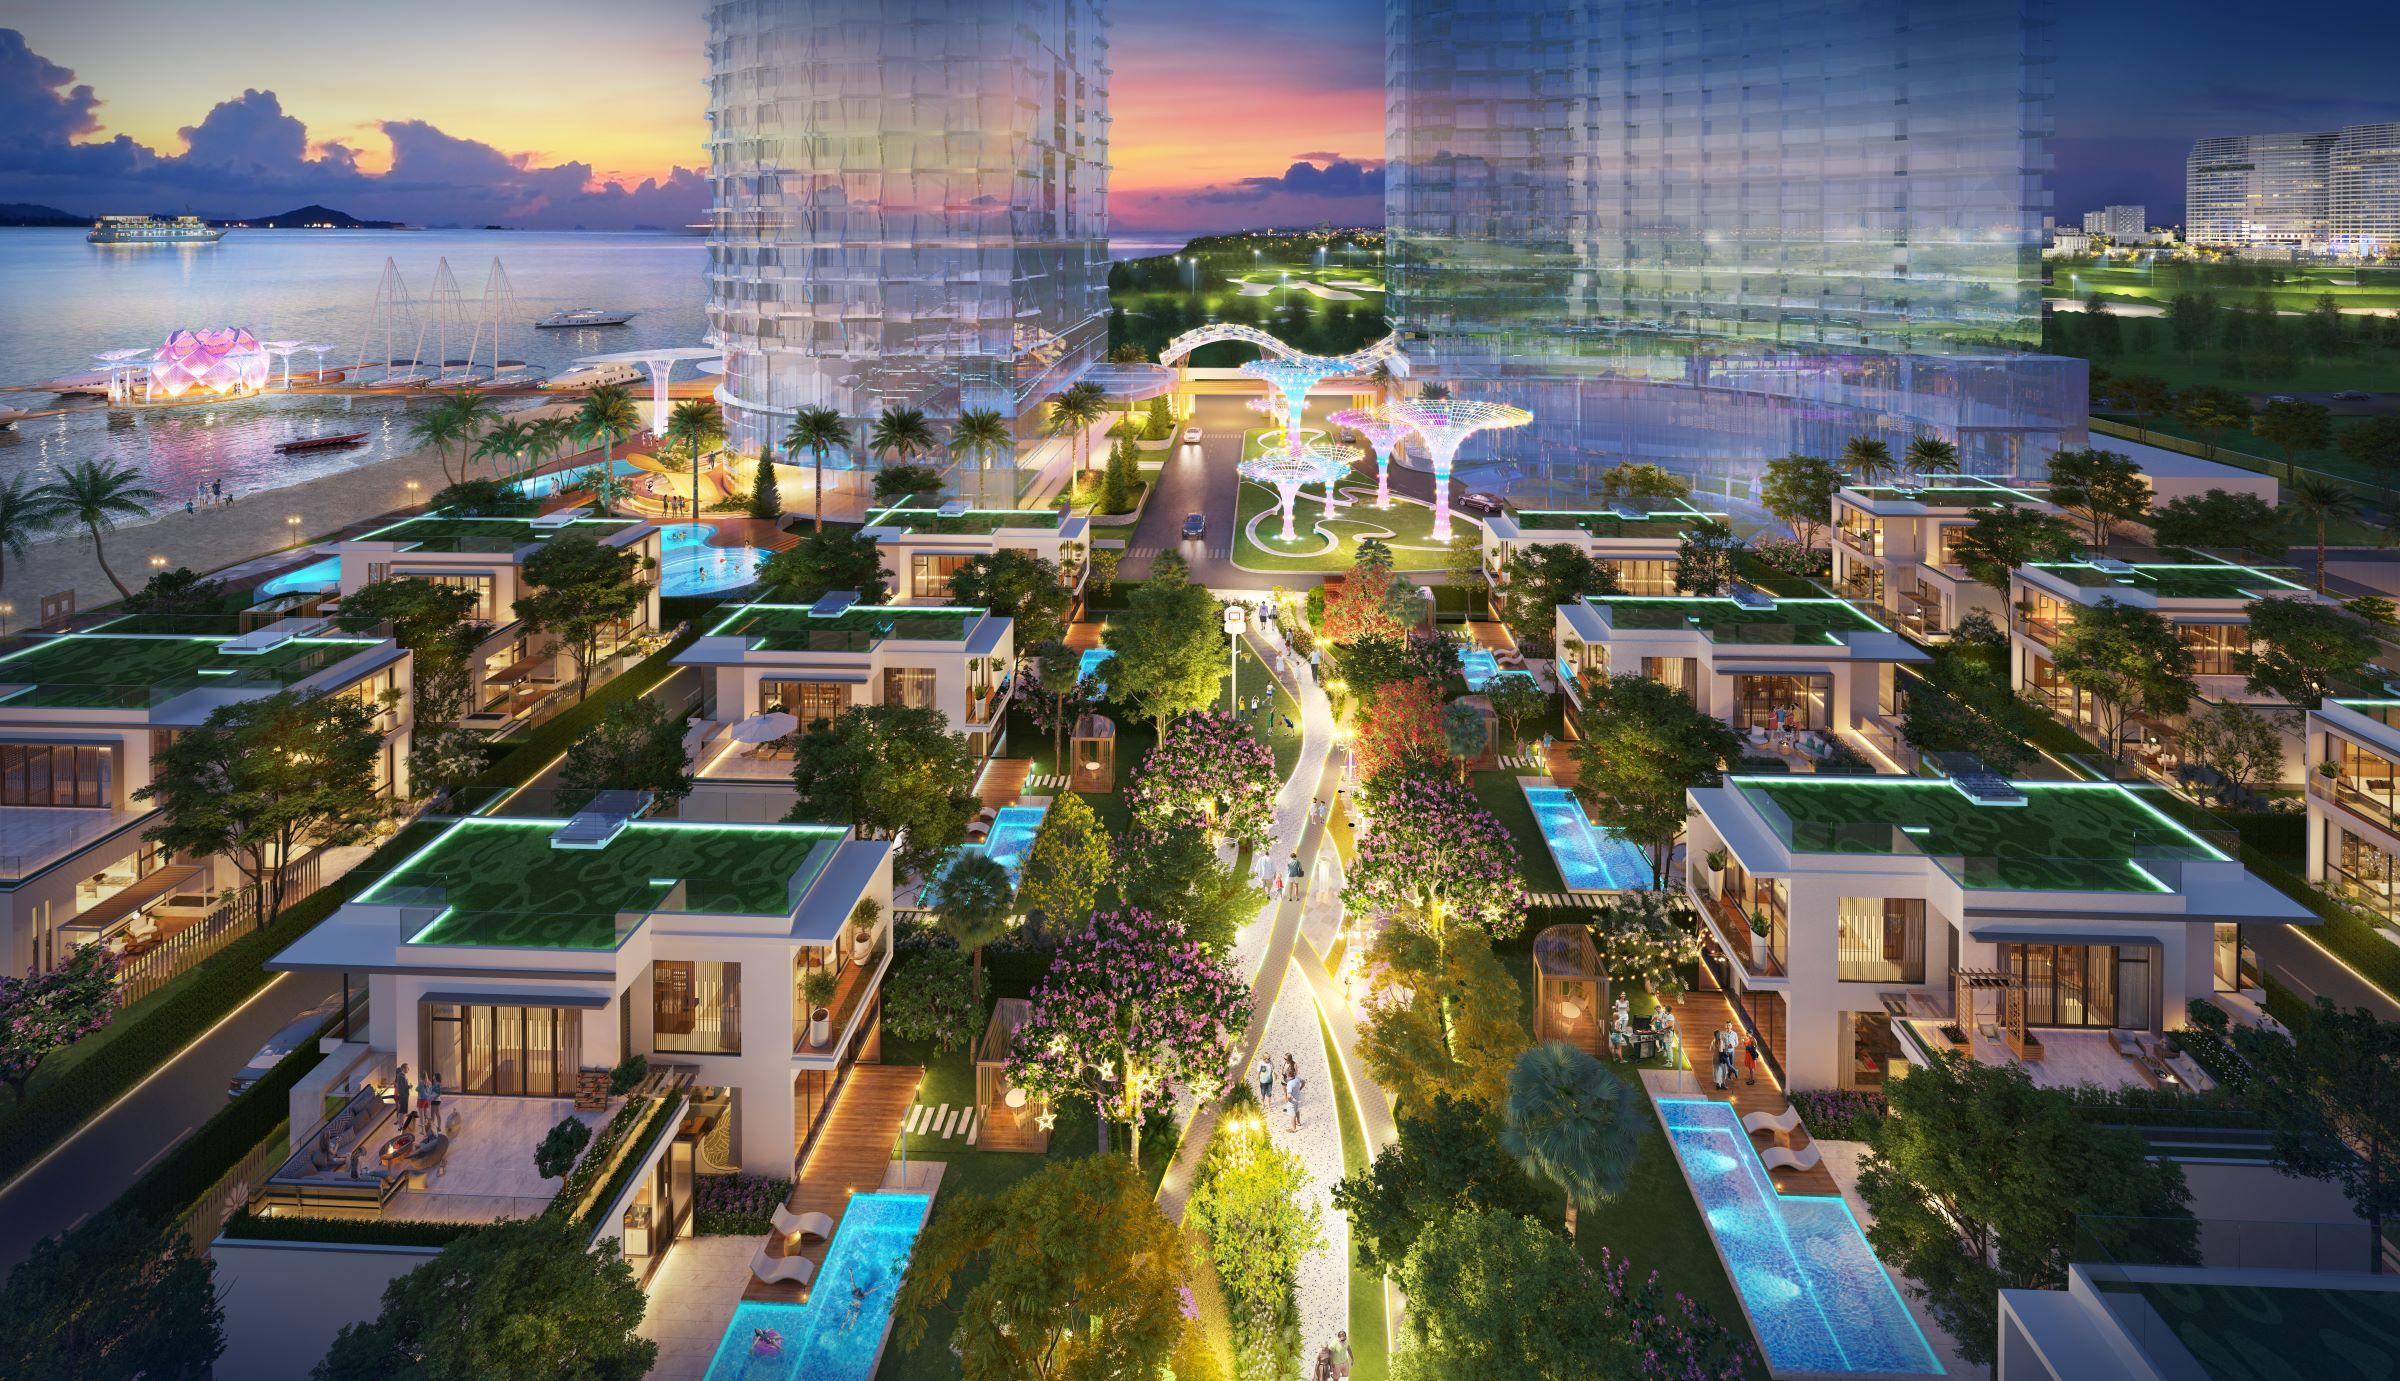 Xu hướng sống xanh đang góp phần định hình thị trường bất động sản thế giới. Ảnh phối cảnh dự án Aria Vũng Tàu.